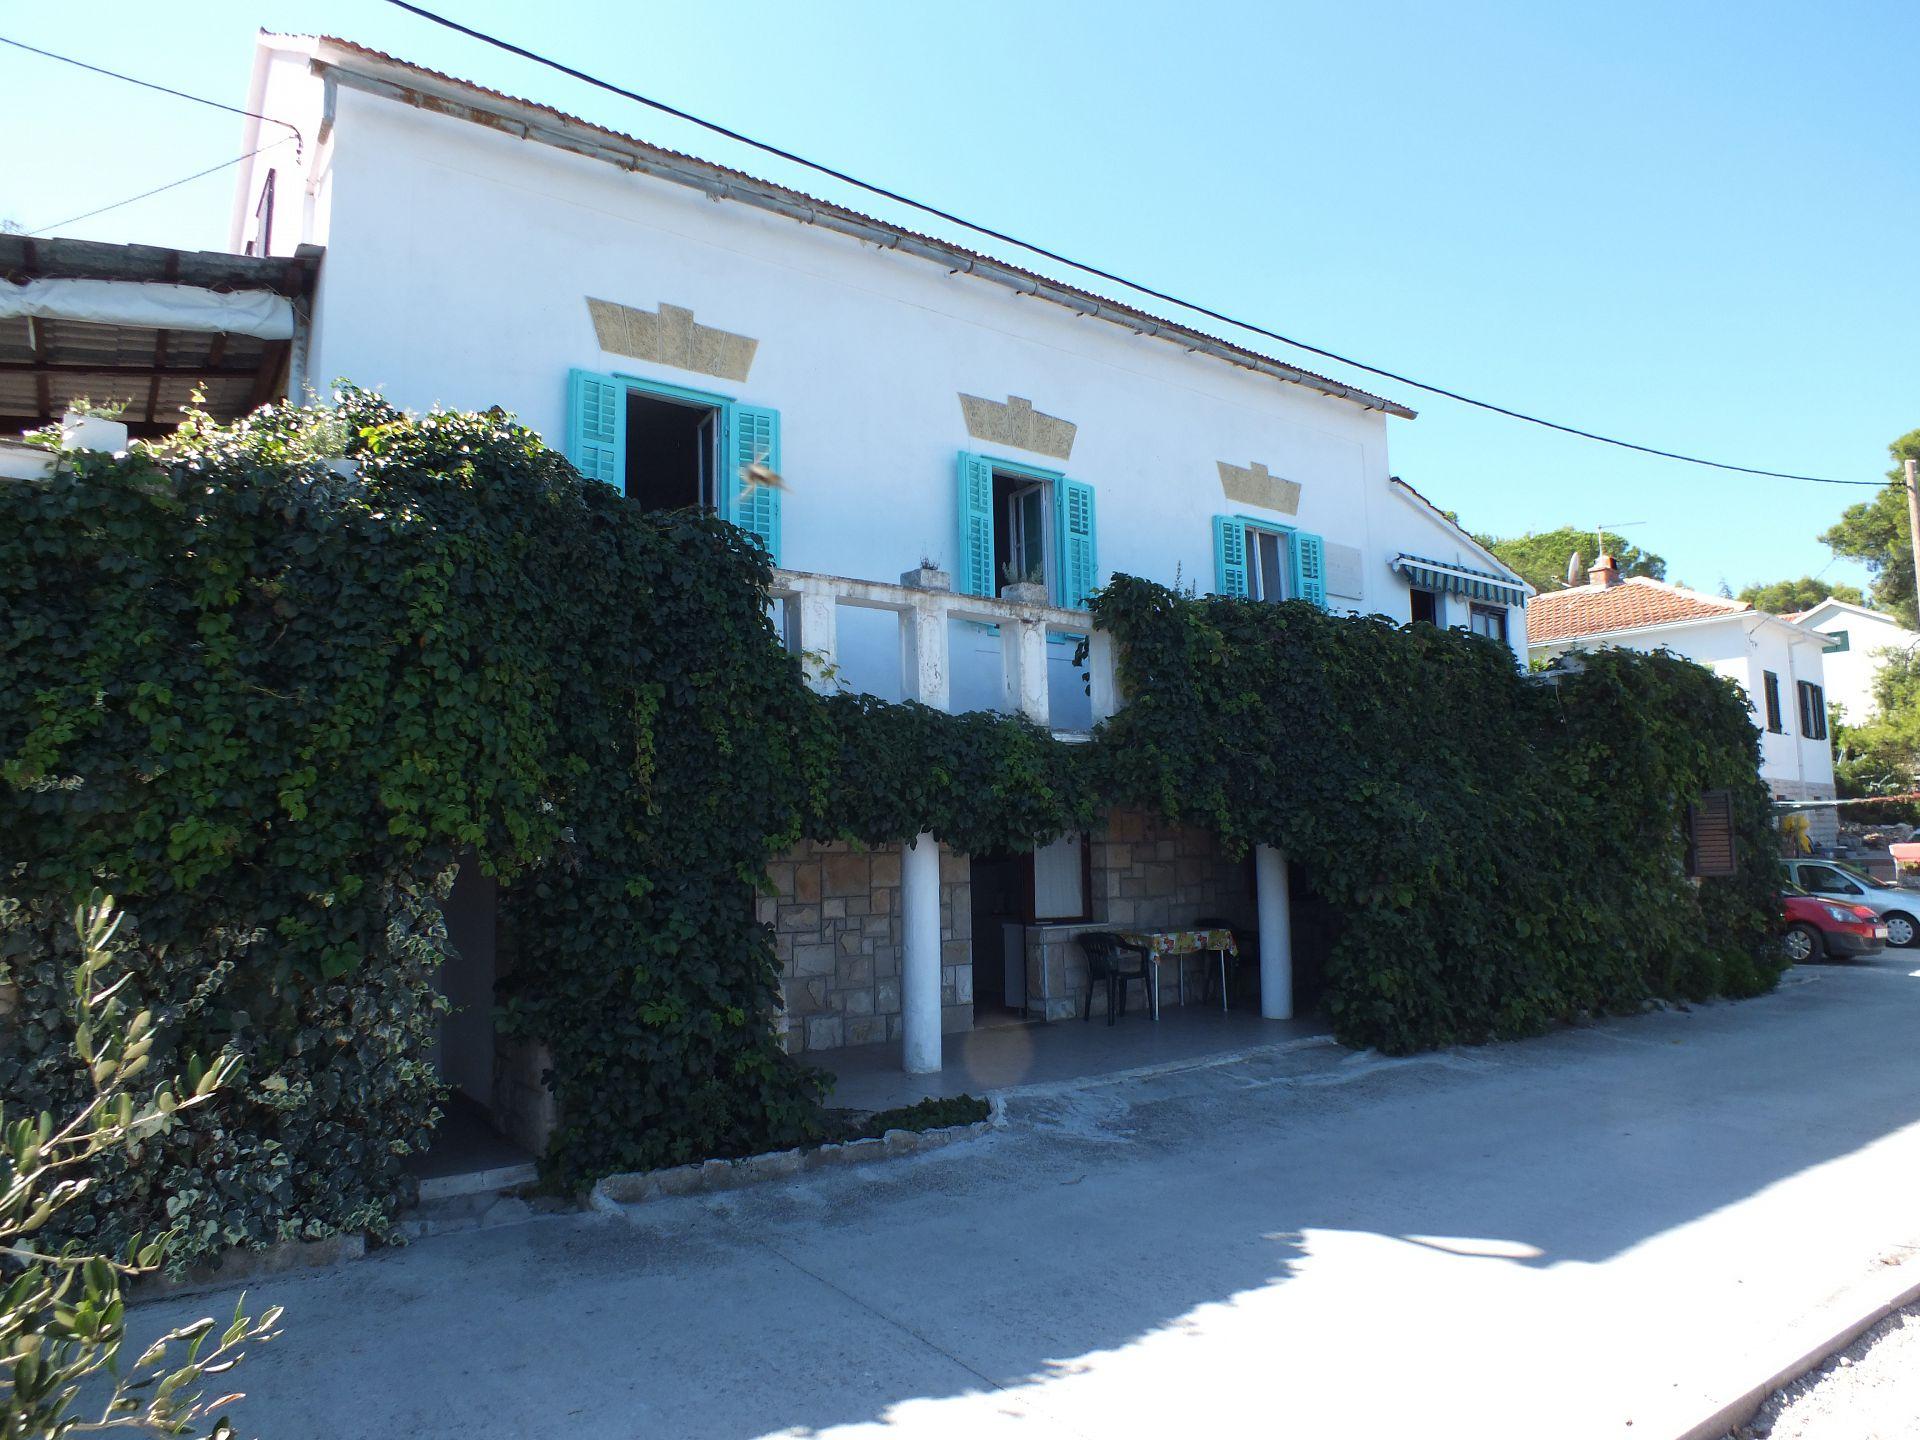 01204ROGA - Rogac - Ferienwohnungen Kroatien